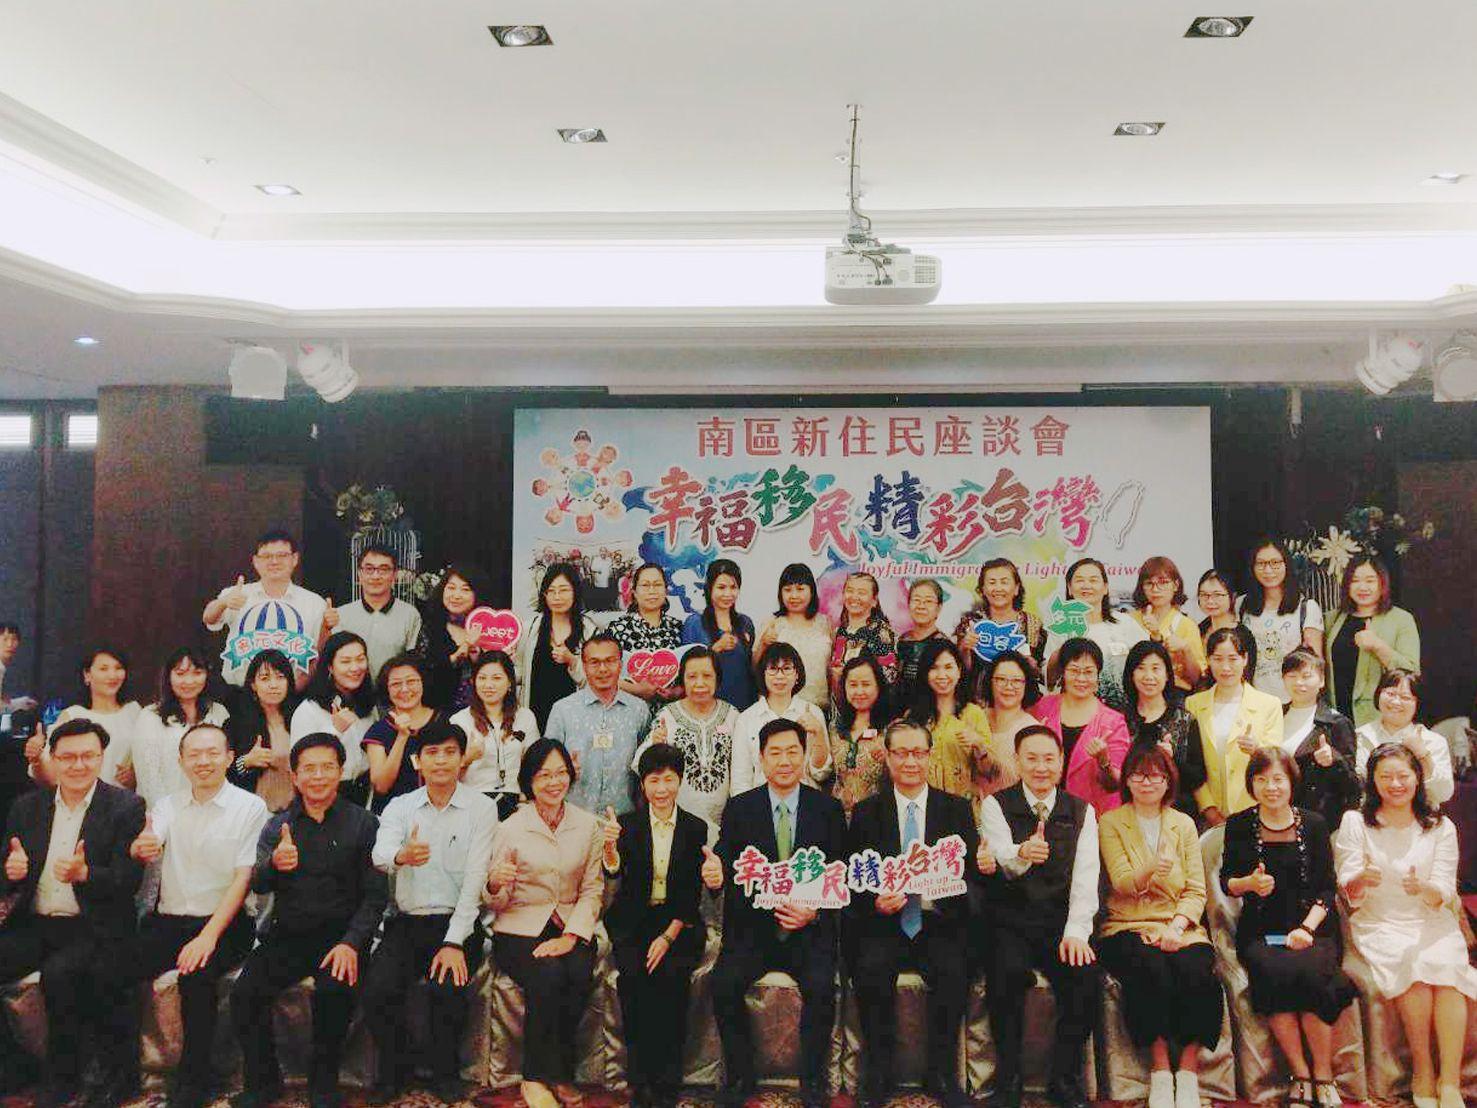 傾聽新住民心聲內政部移民署在臺南市舉辦新住民座談會2百多位新住民齊聚府城